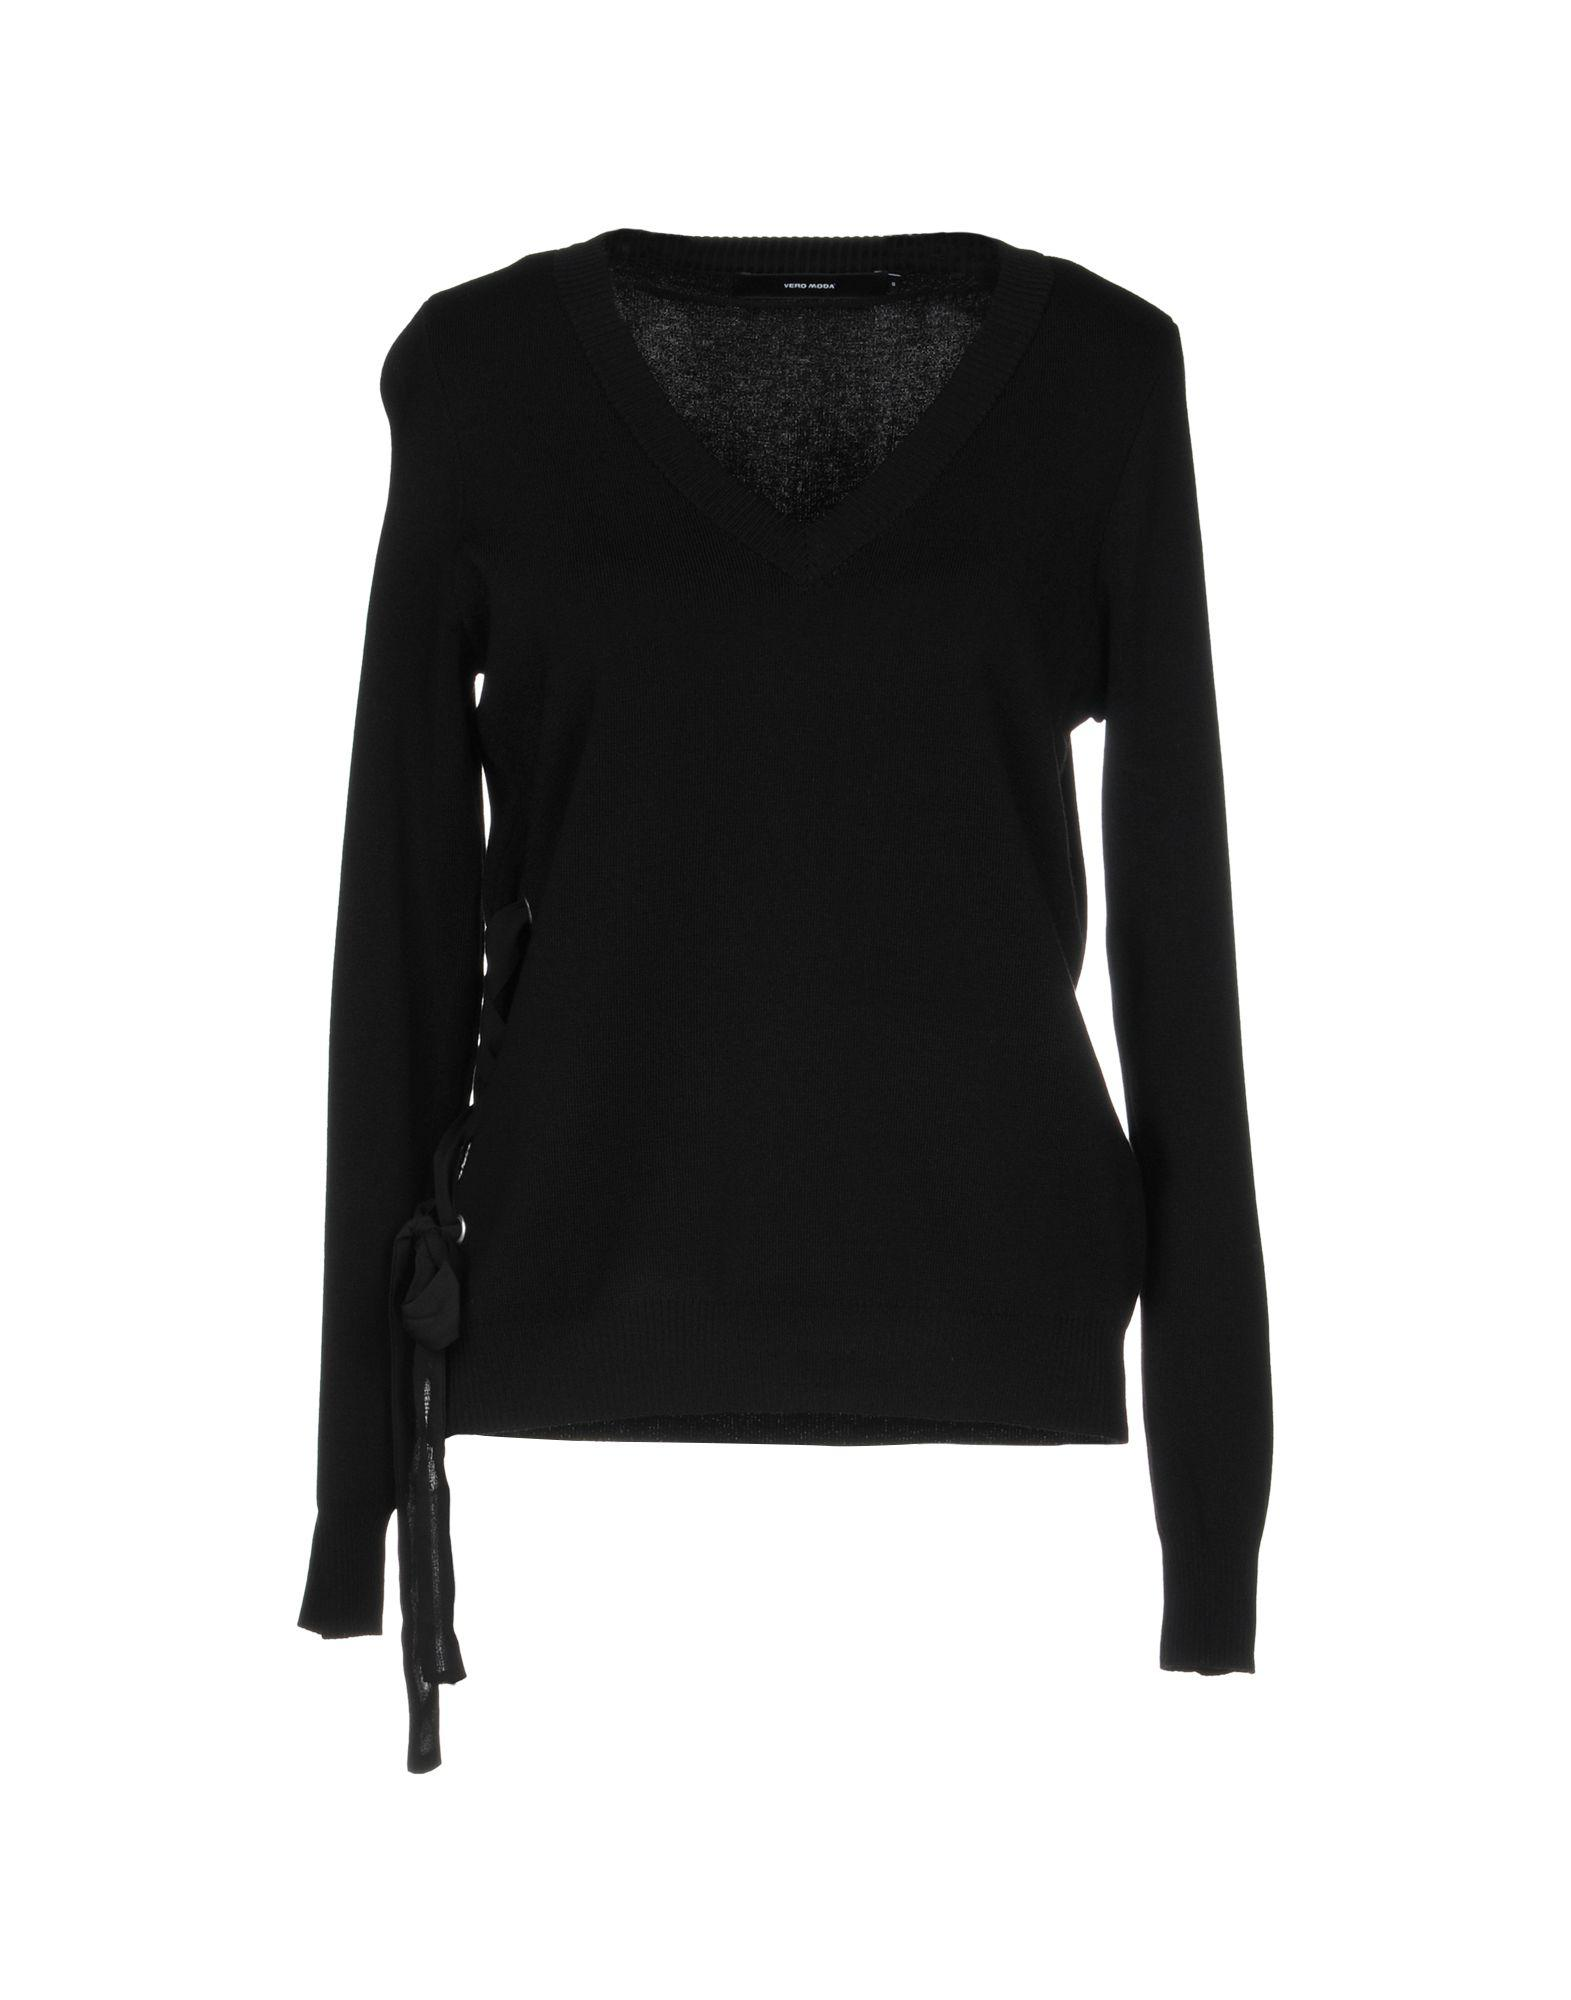 Vero Moda Sweater In Black